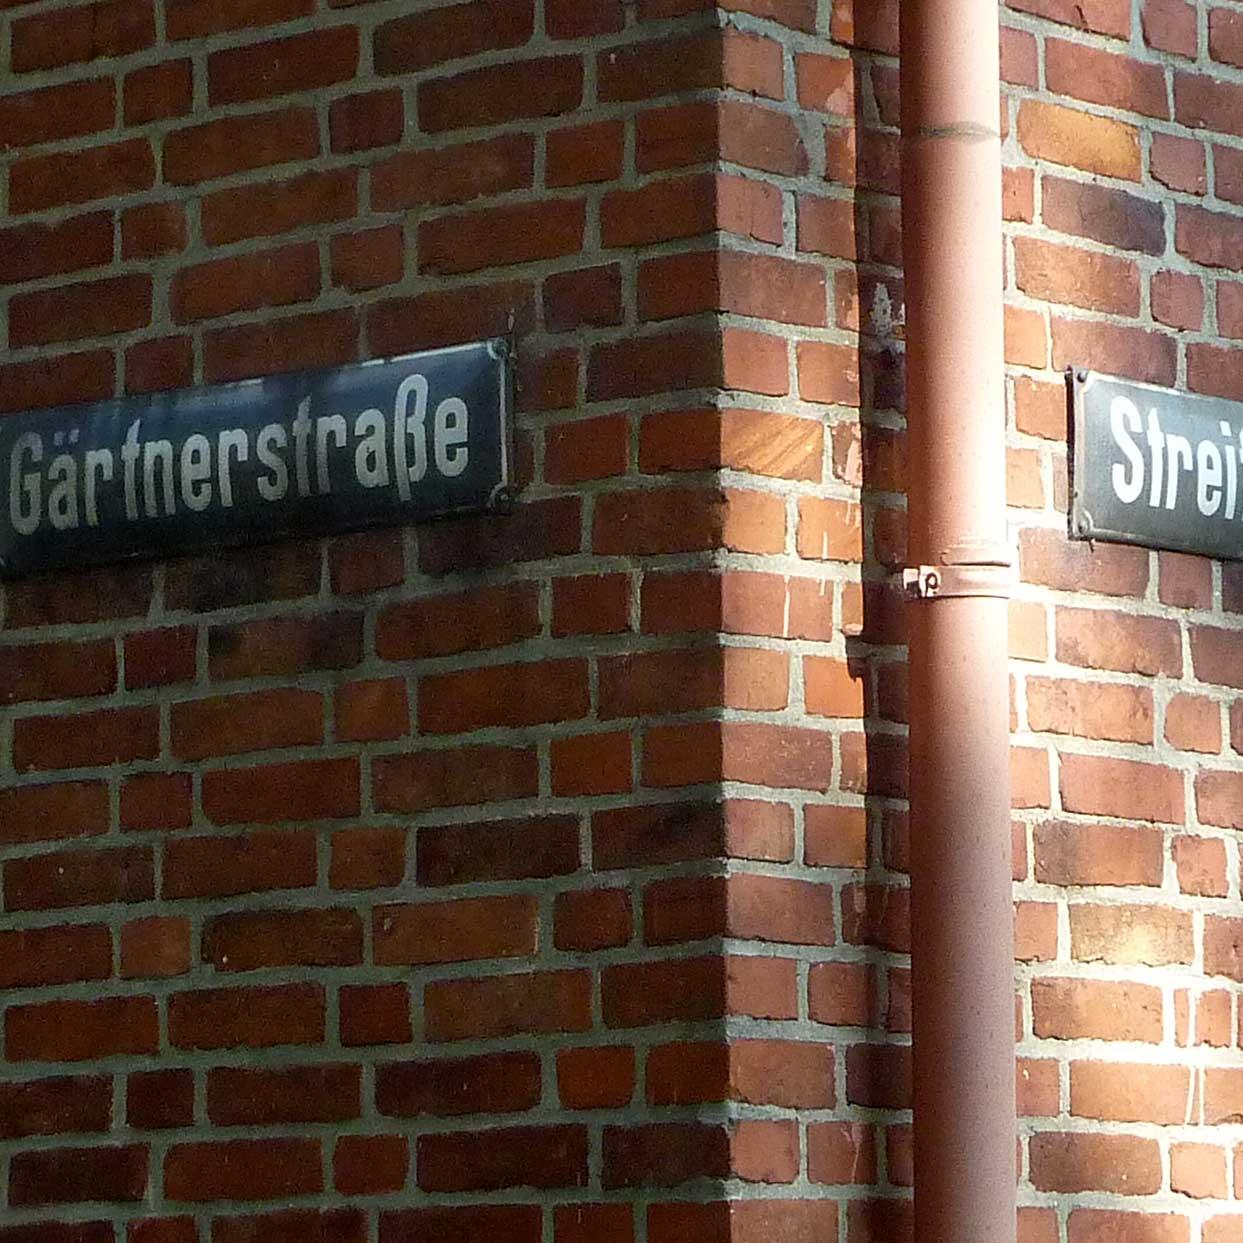 Straßenschilder an der Ecke Gärtnerstraße und Streitkamp